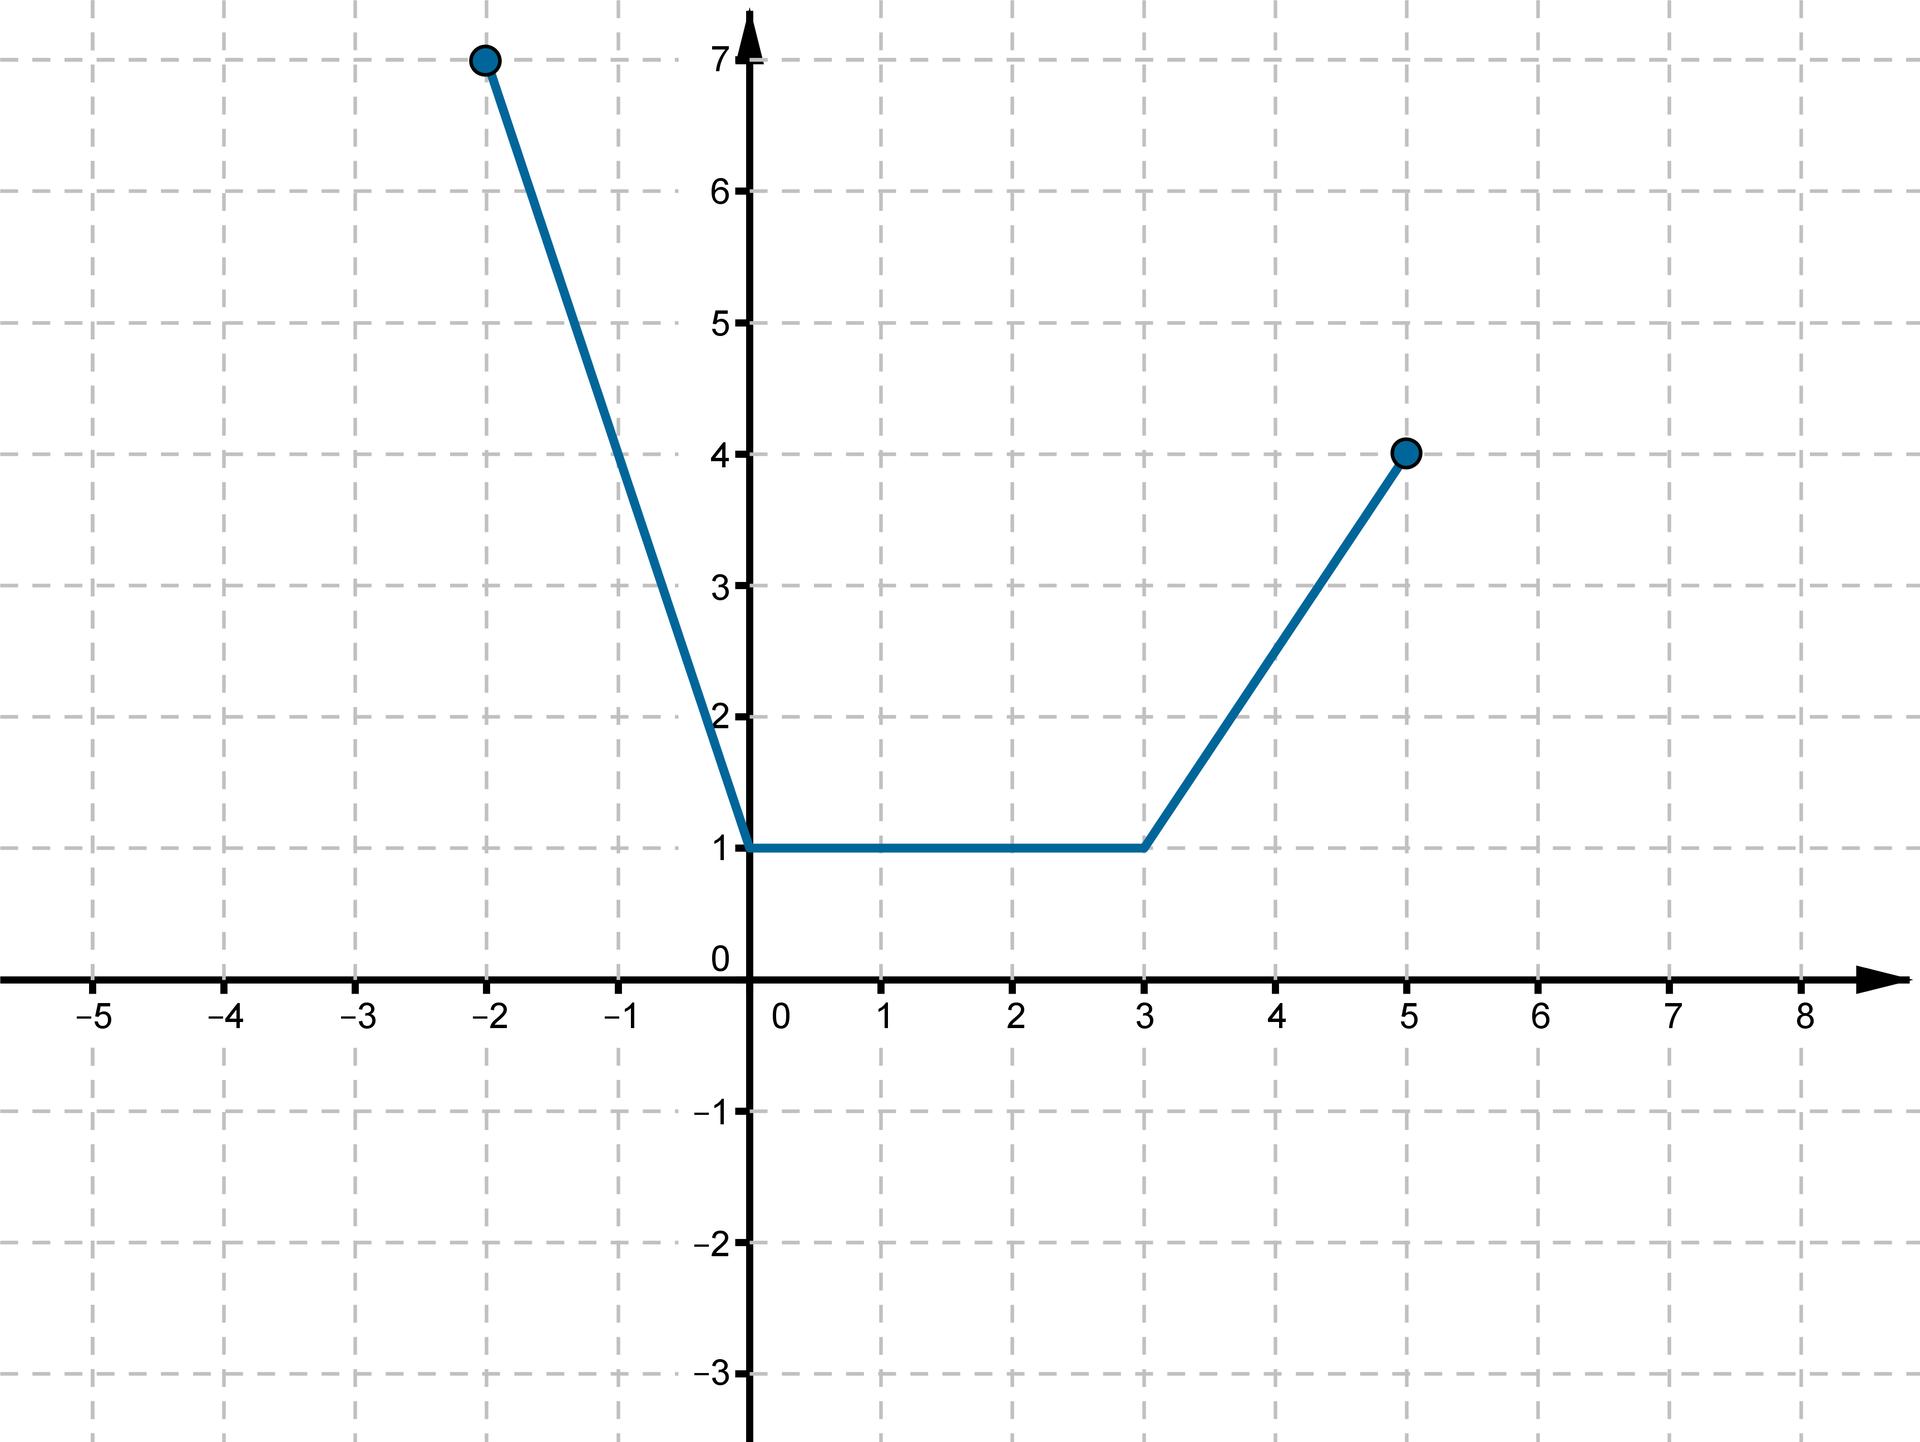 Wykres otrzymany wwyniku przesunięcia funkcji fo1 jednostkę wprawo wzdłuż osi OX io2 jednostki wgórę wzdłuż osi OY.